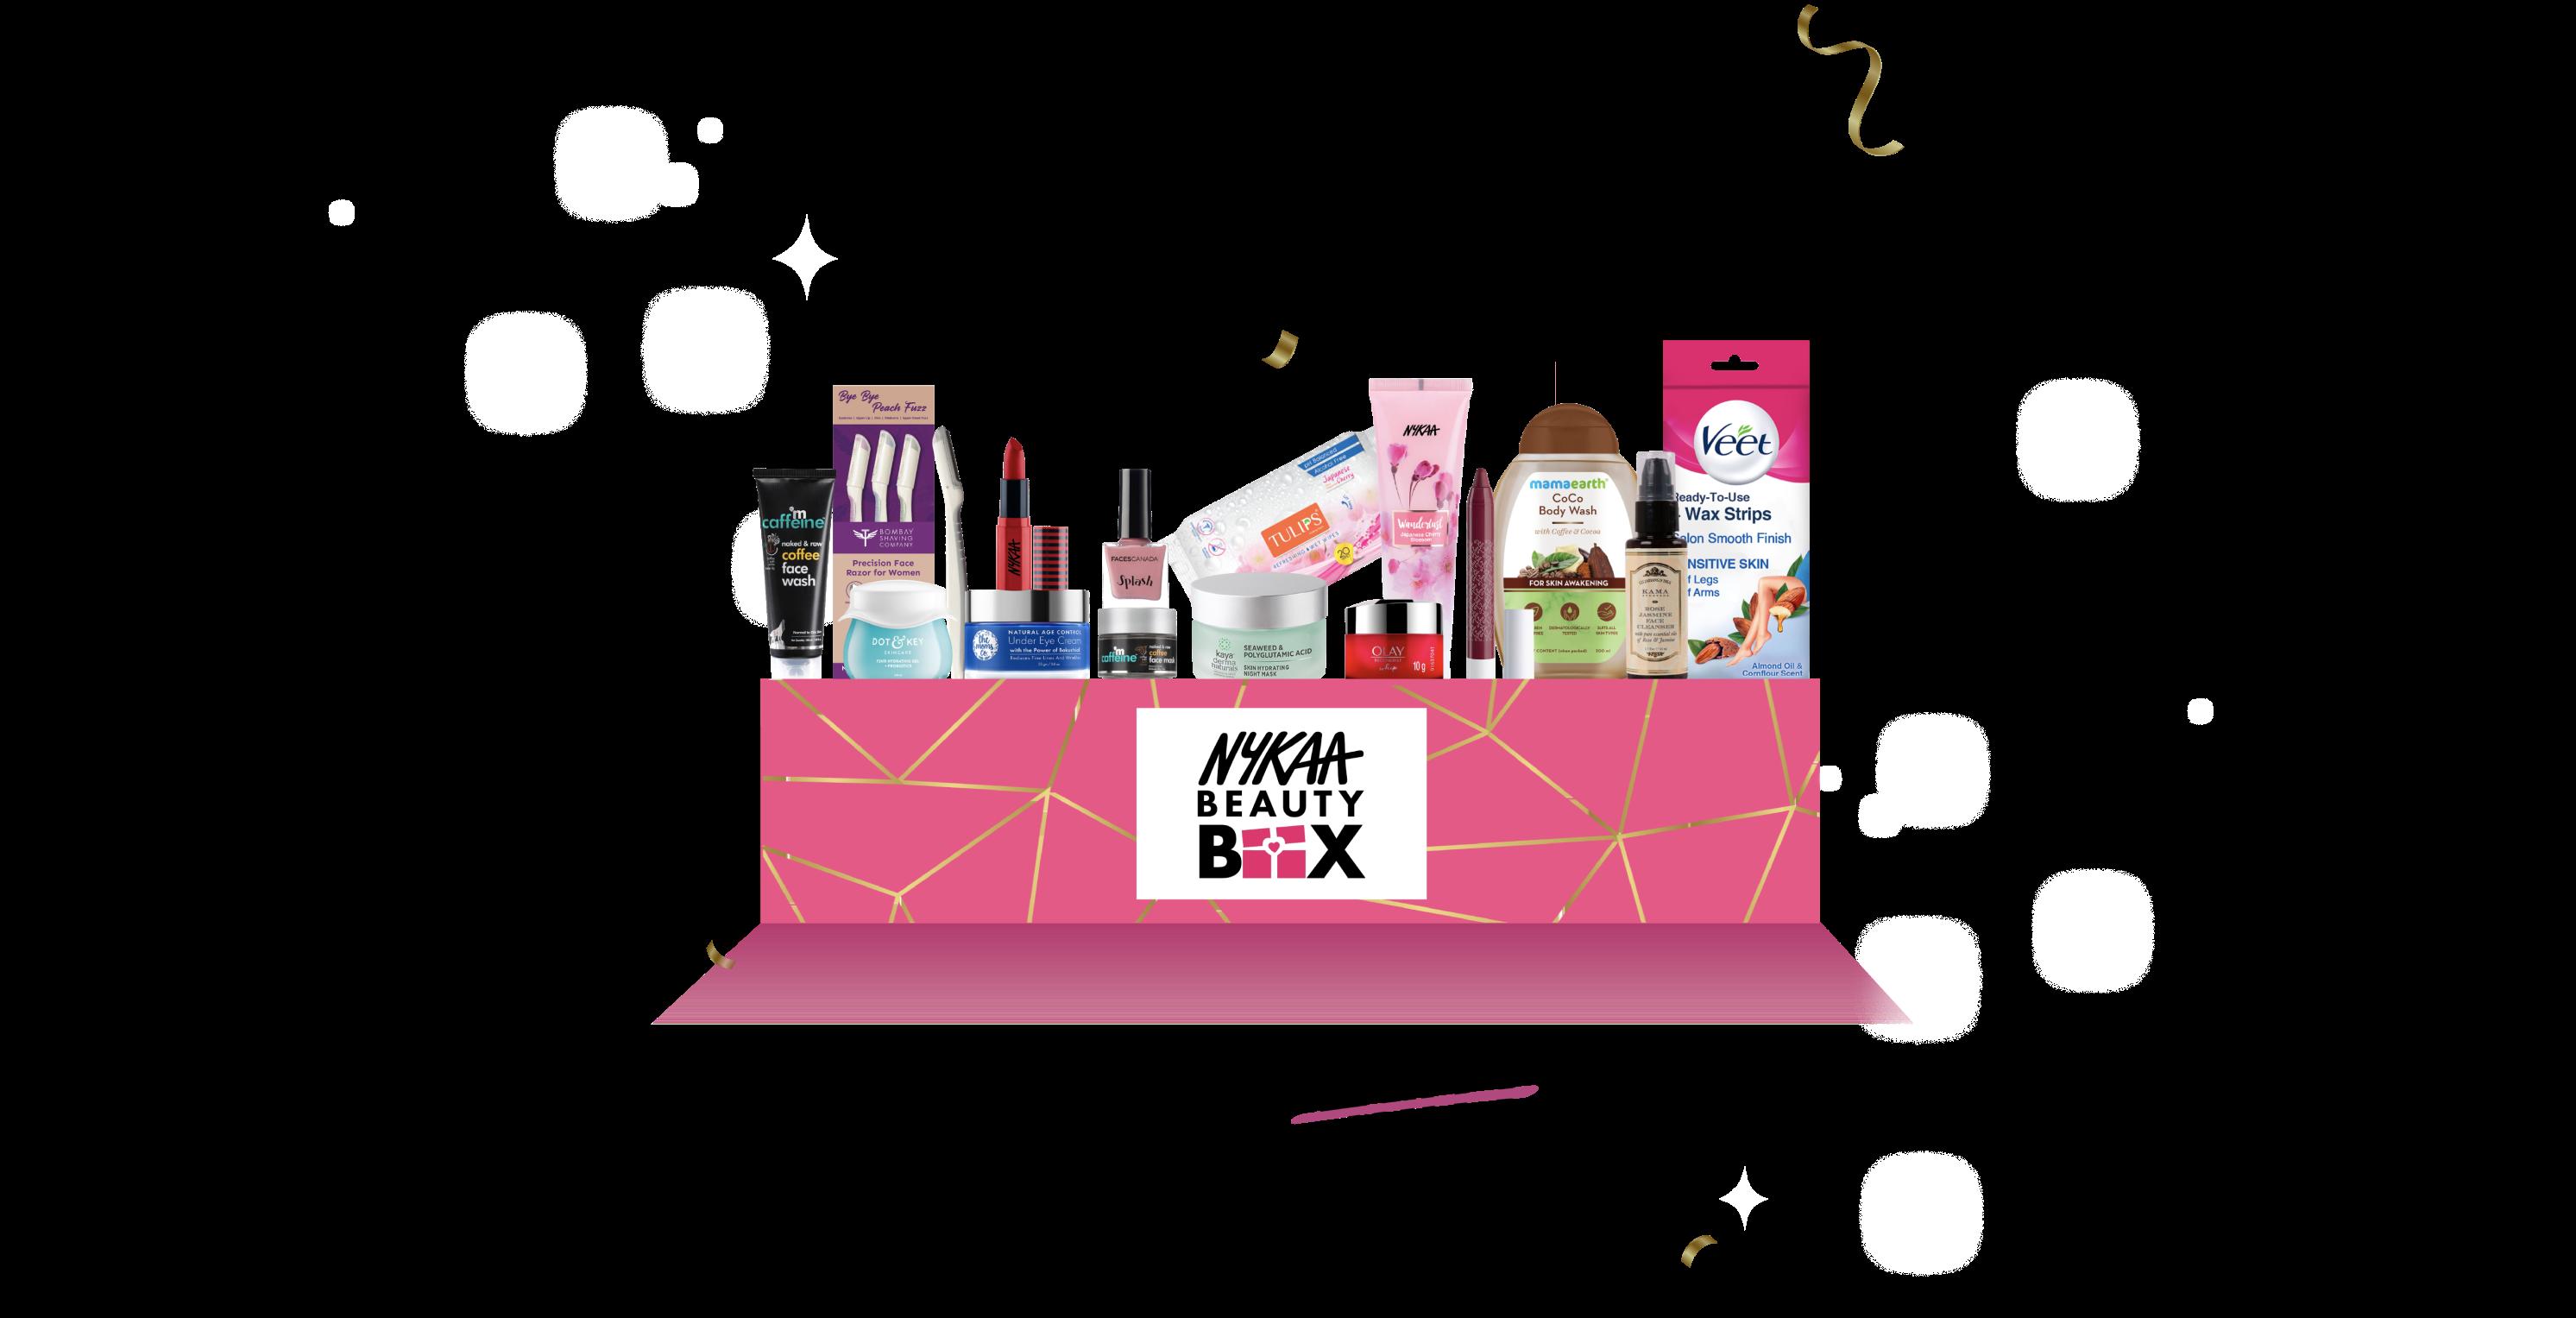 nykaa beauty box